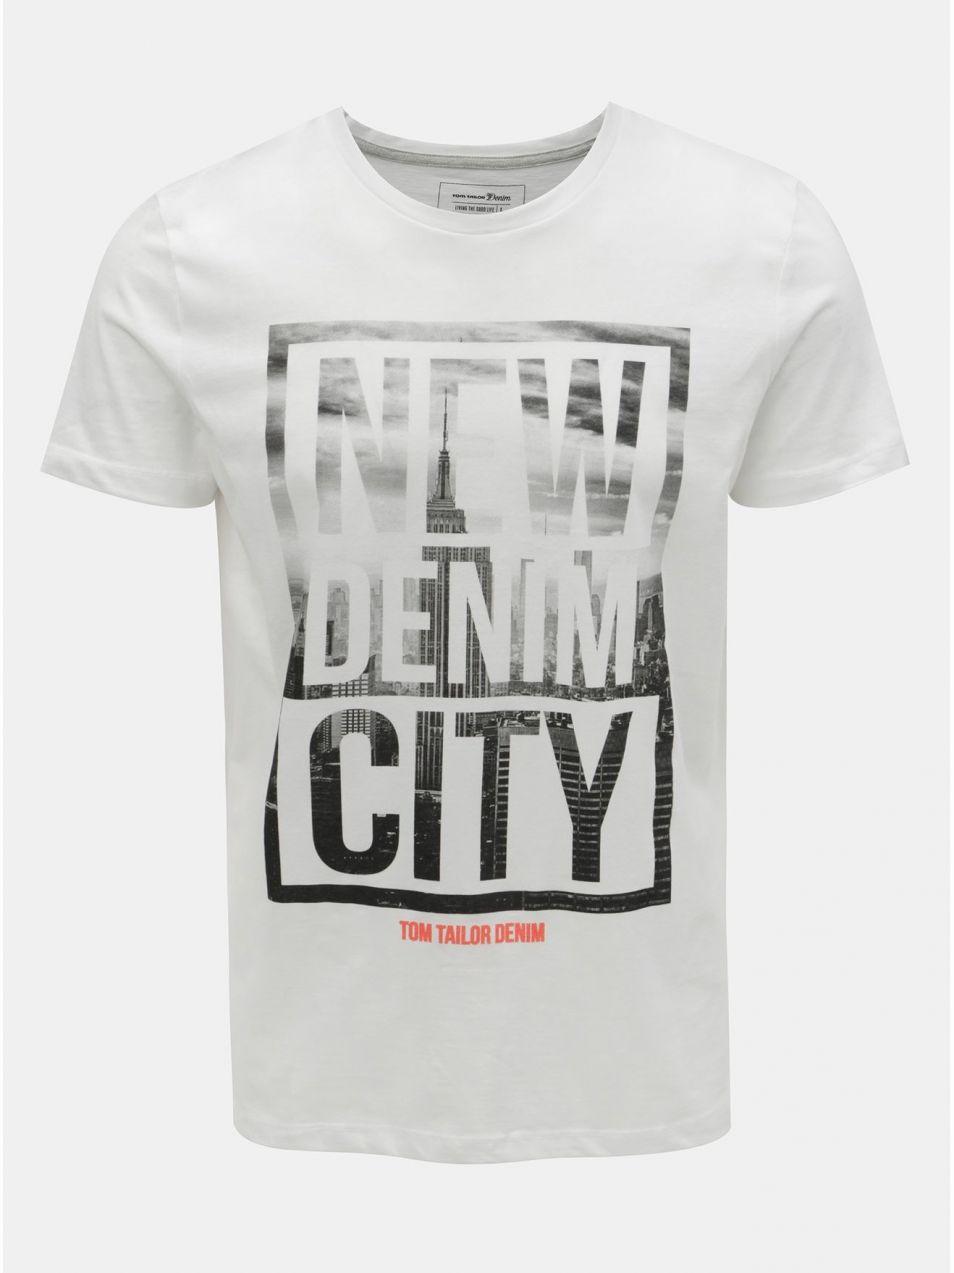 2384b2acfa65 Biele pánske tričko s potlačou Tom Tailor Denim značky TOM TAILOR ...